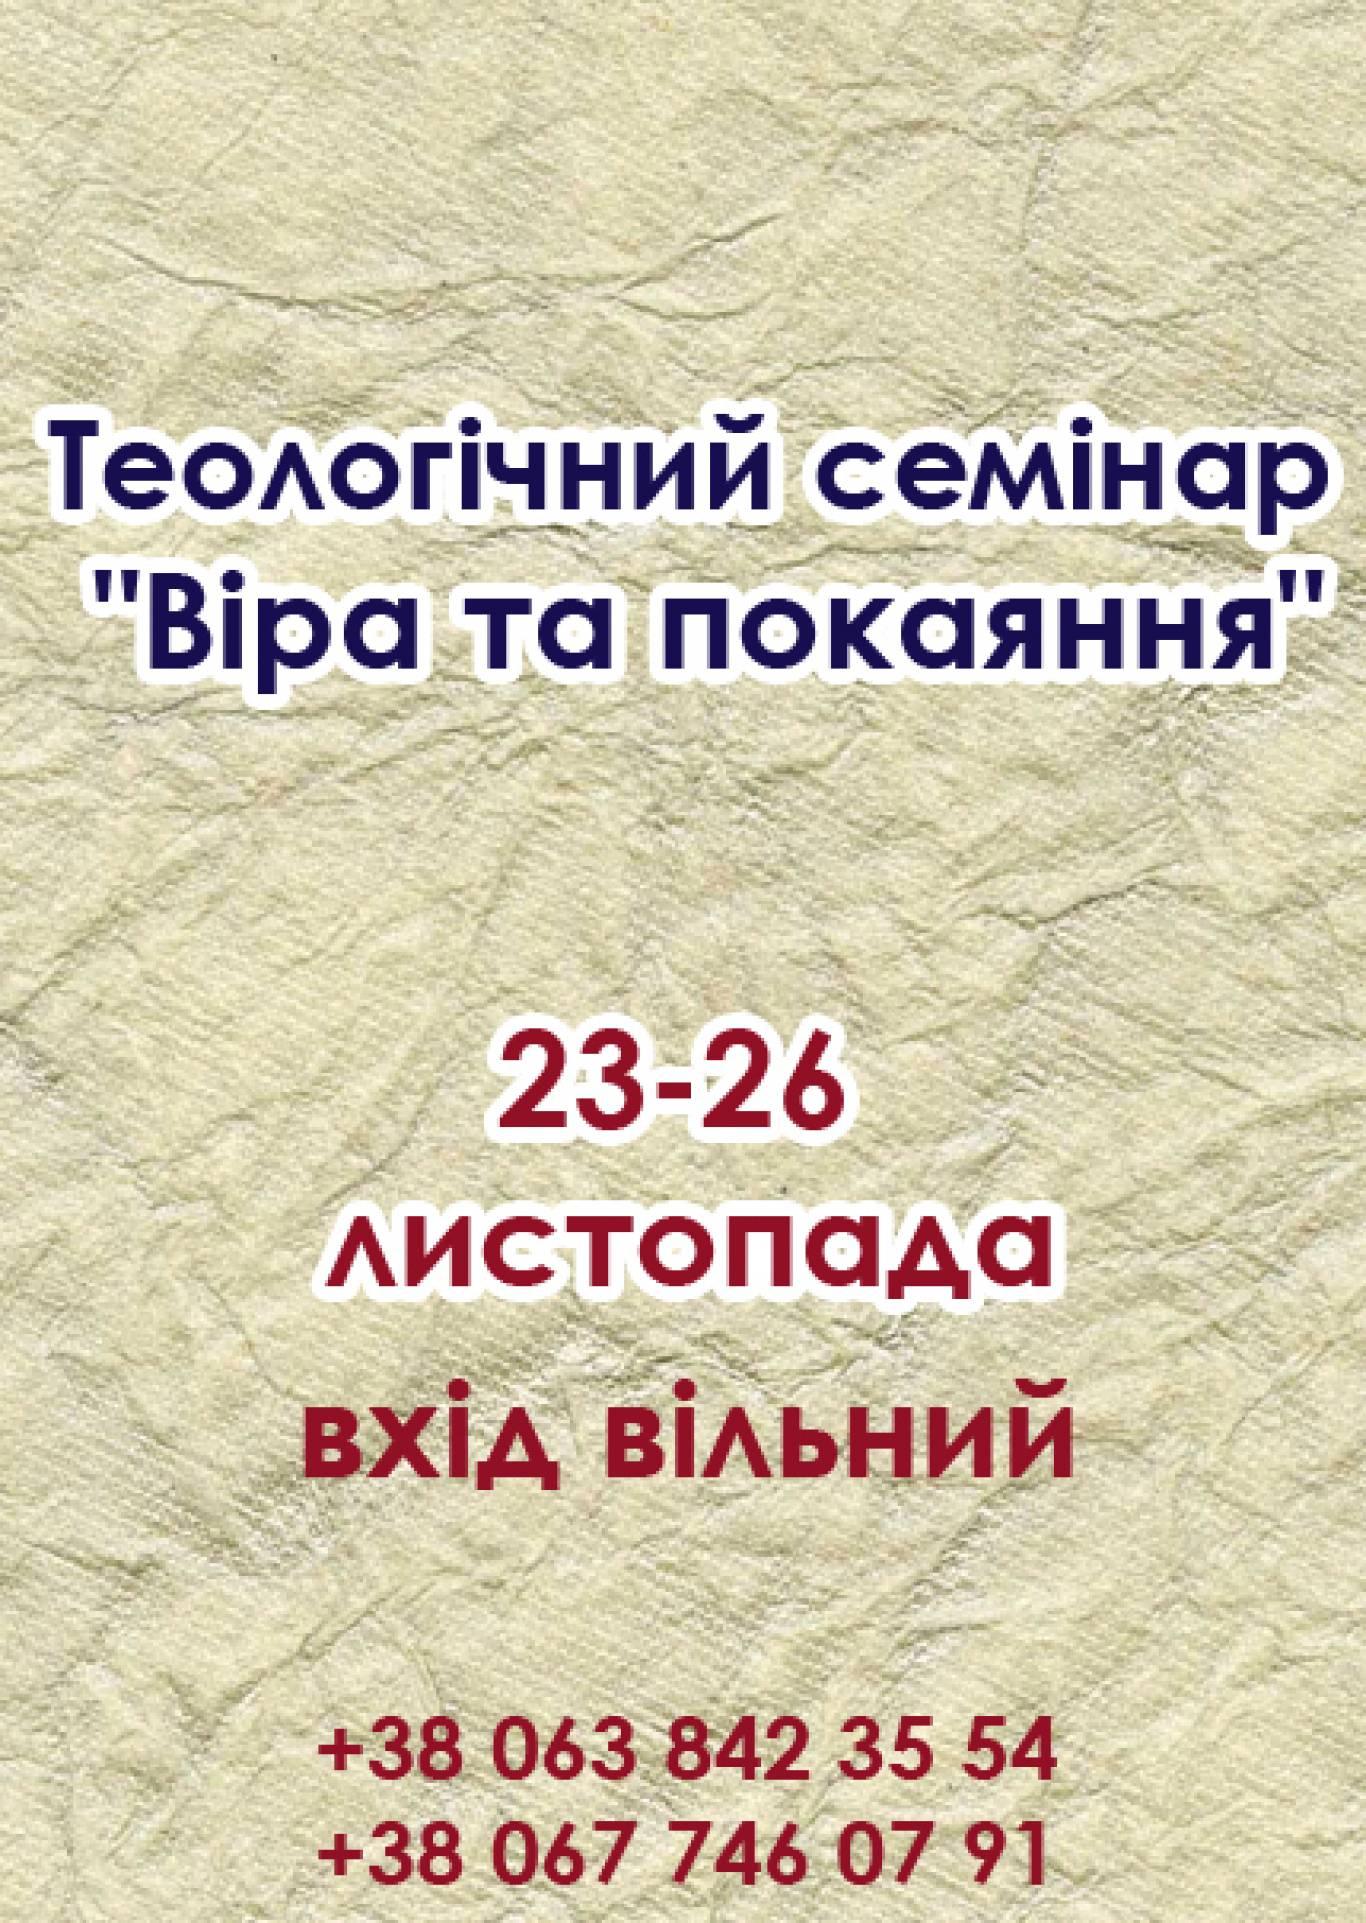 """Теологічний семінар """"Віра та покаяння"""""""